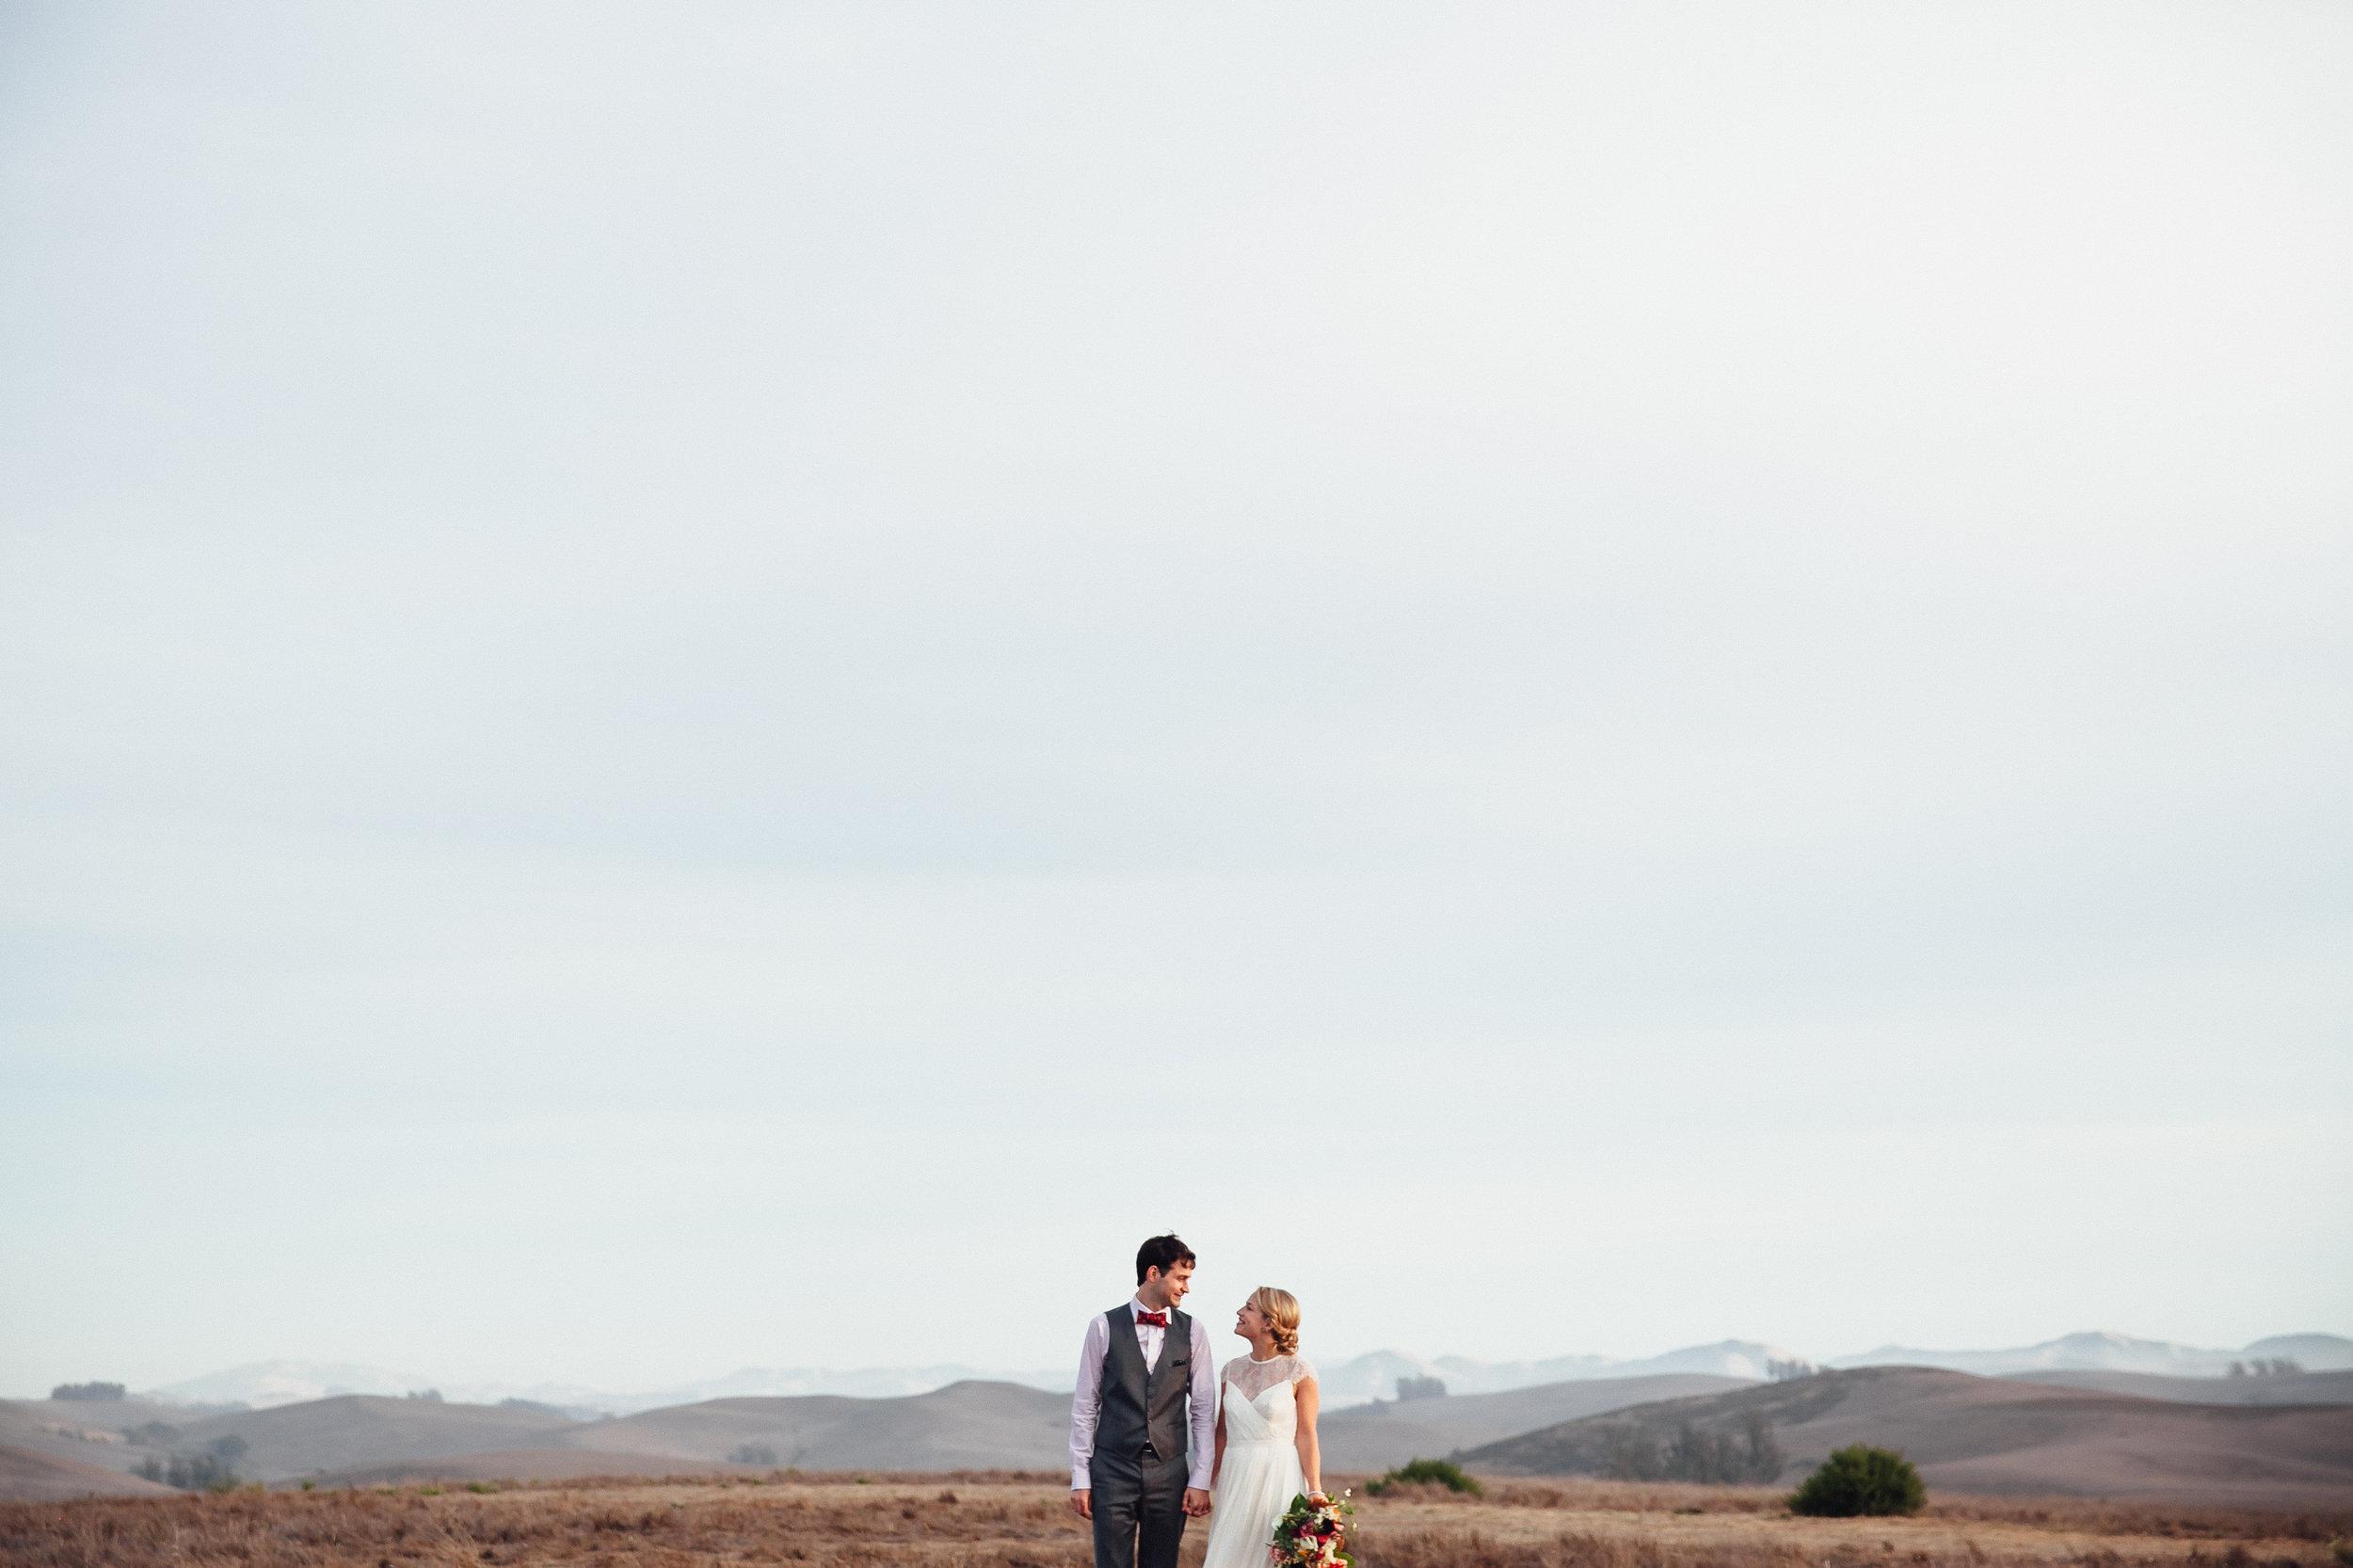 MORGAN & ANDREW, petaluma california